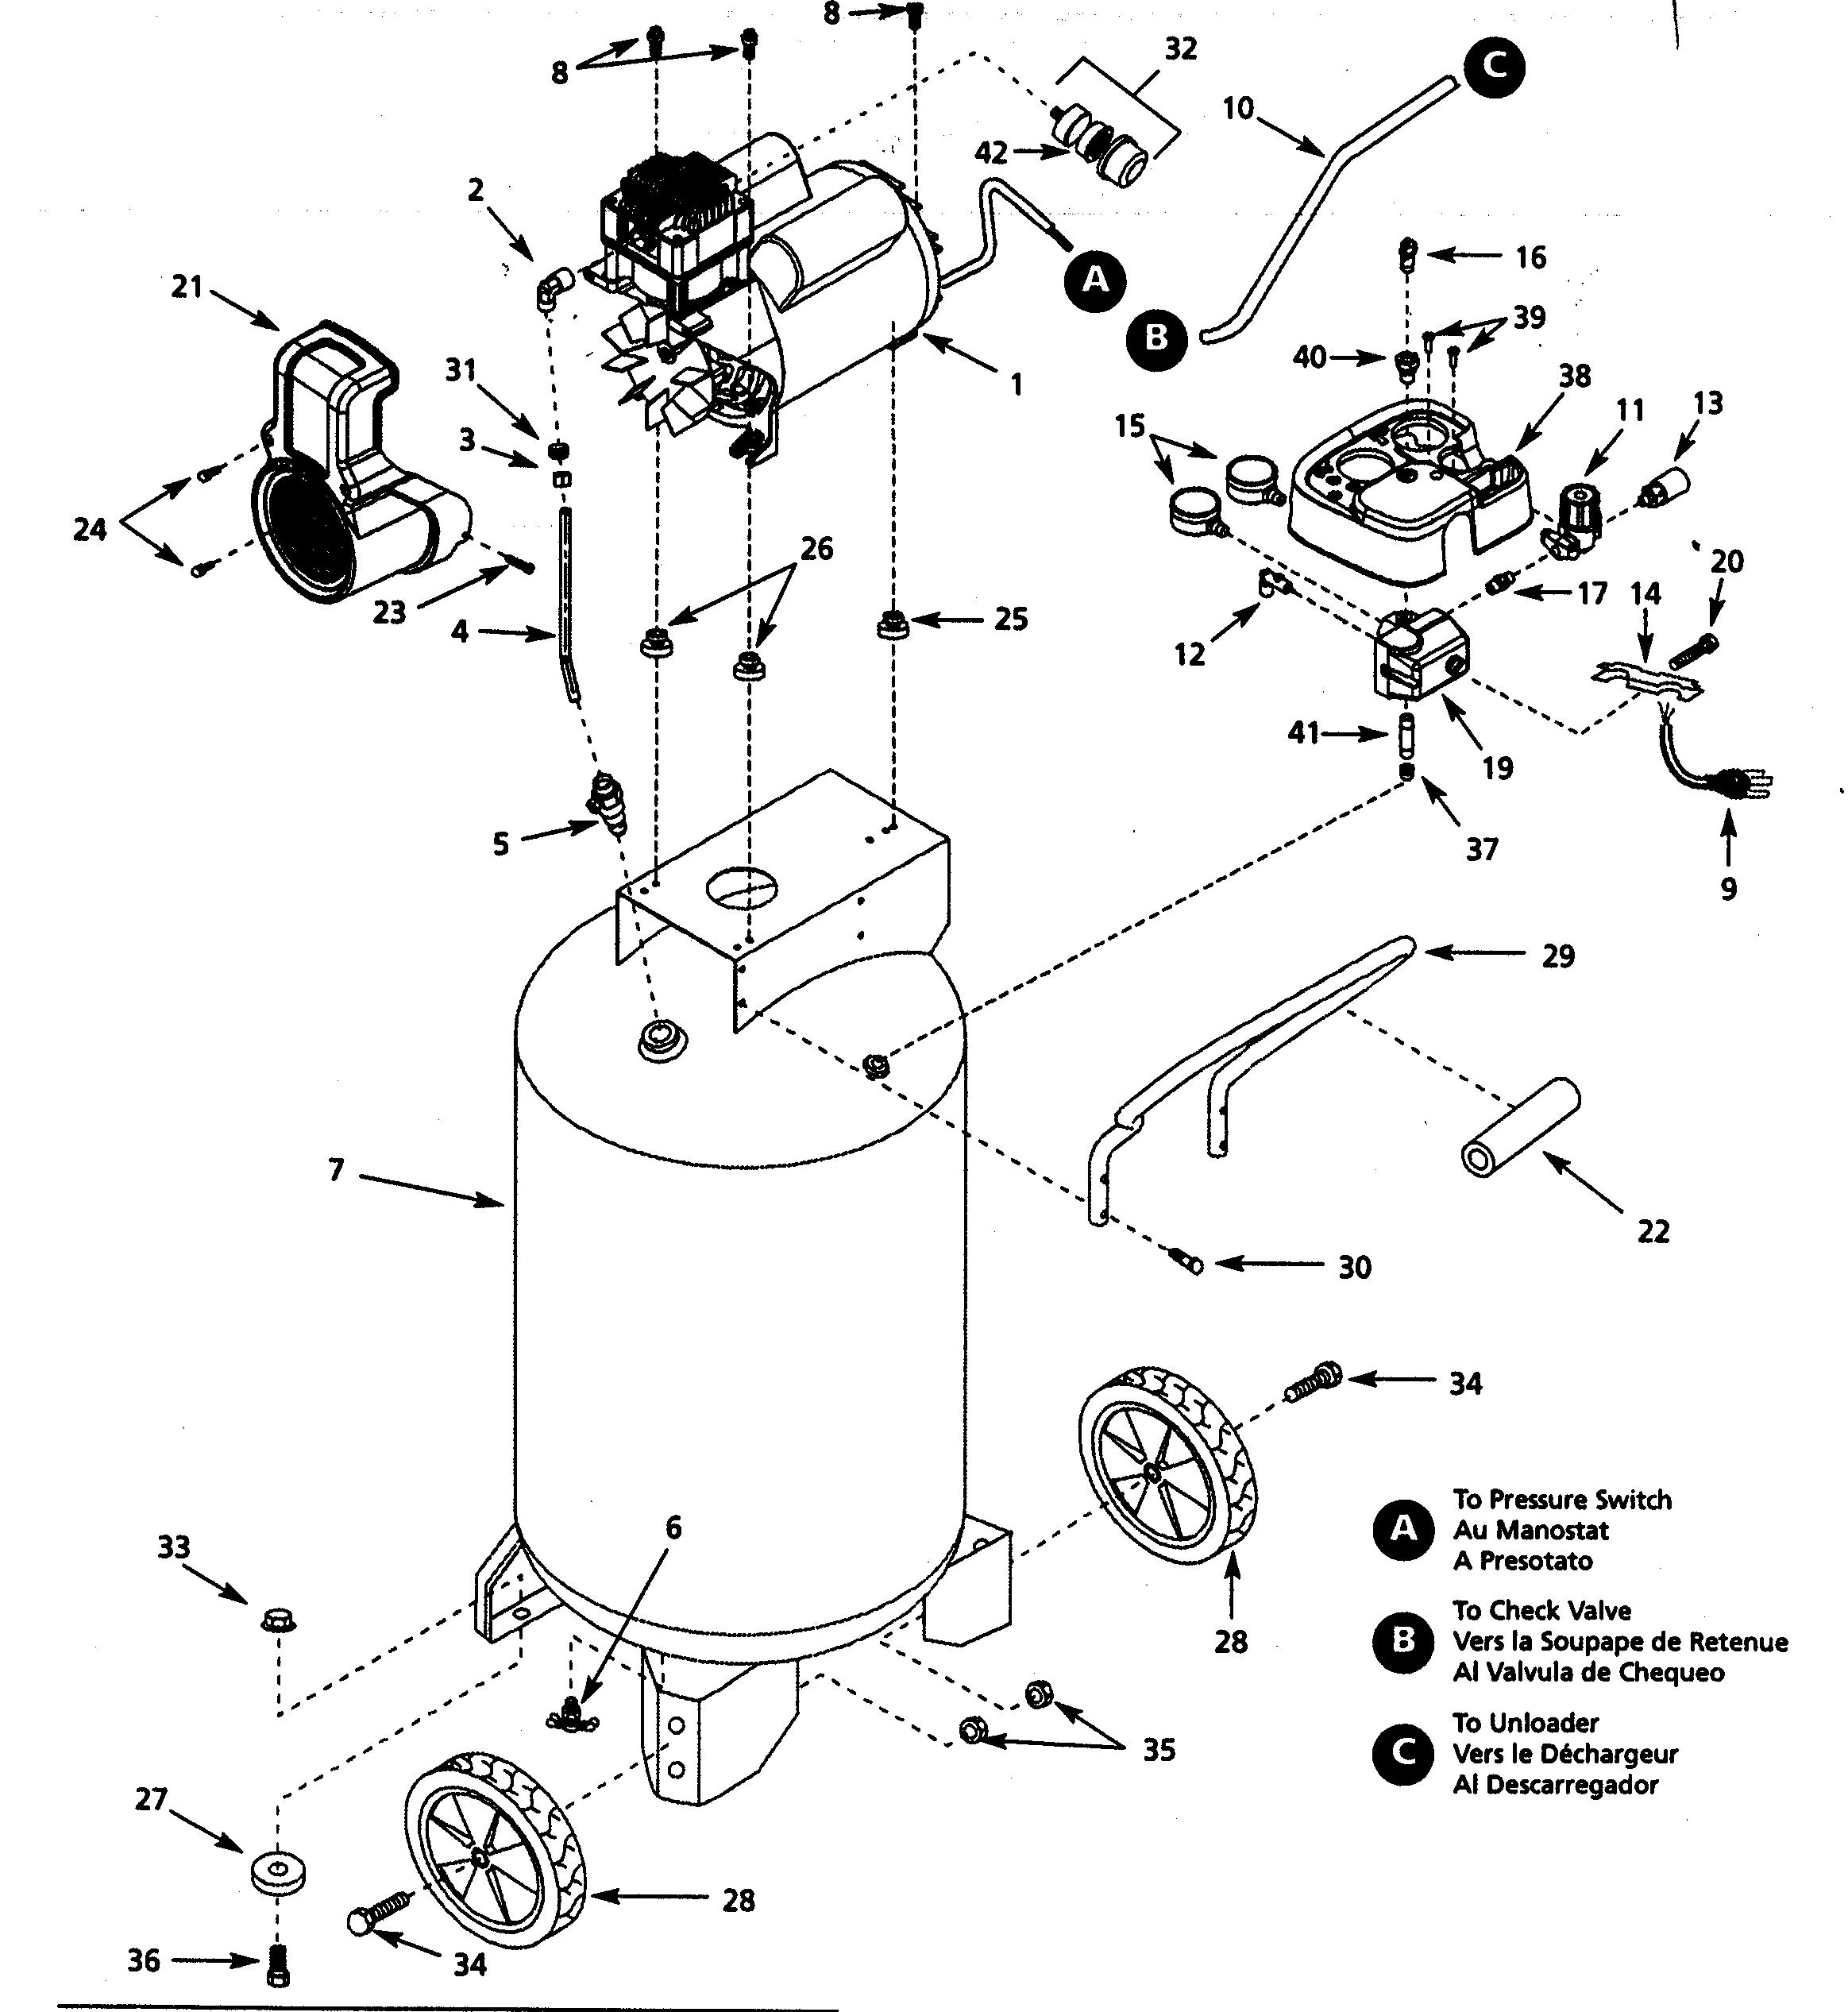 Campbell Hausfeld Air Compressor Parts Diagram Looking For Campbell Hausfeld Model Wl6117 Air Compressor Repair